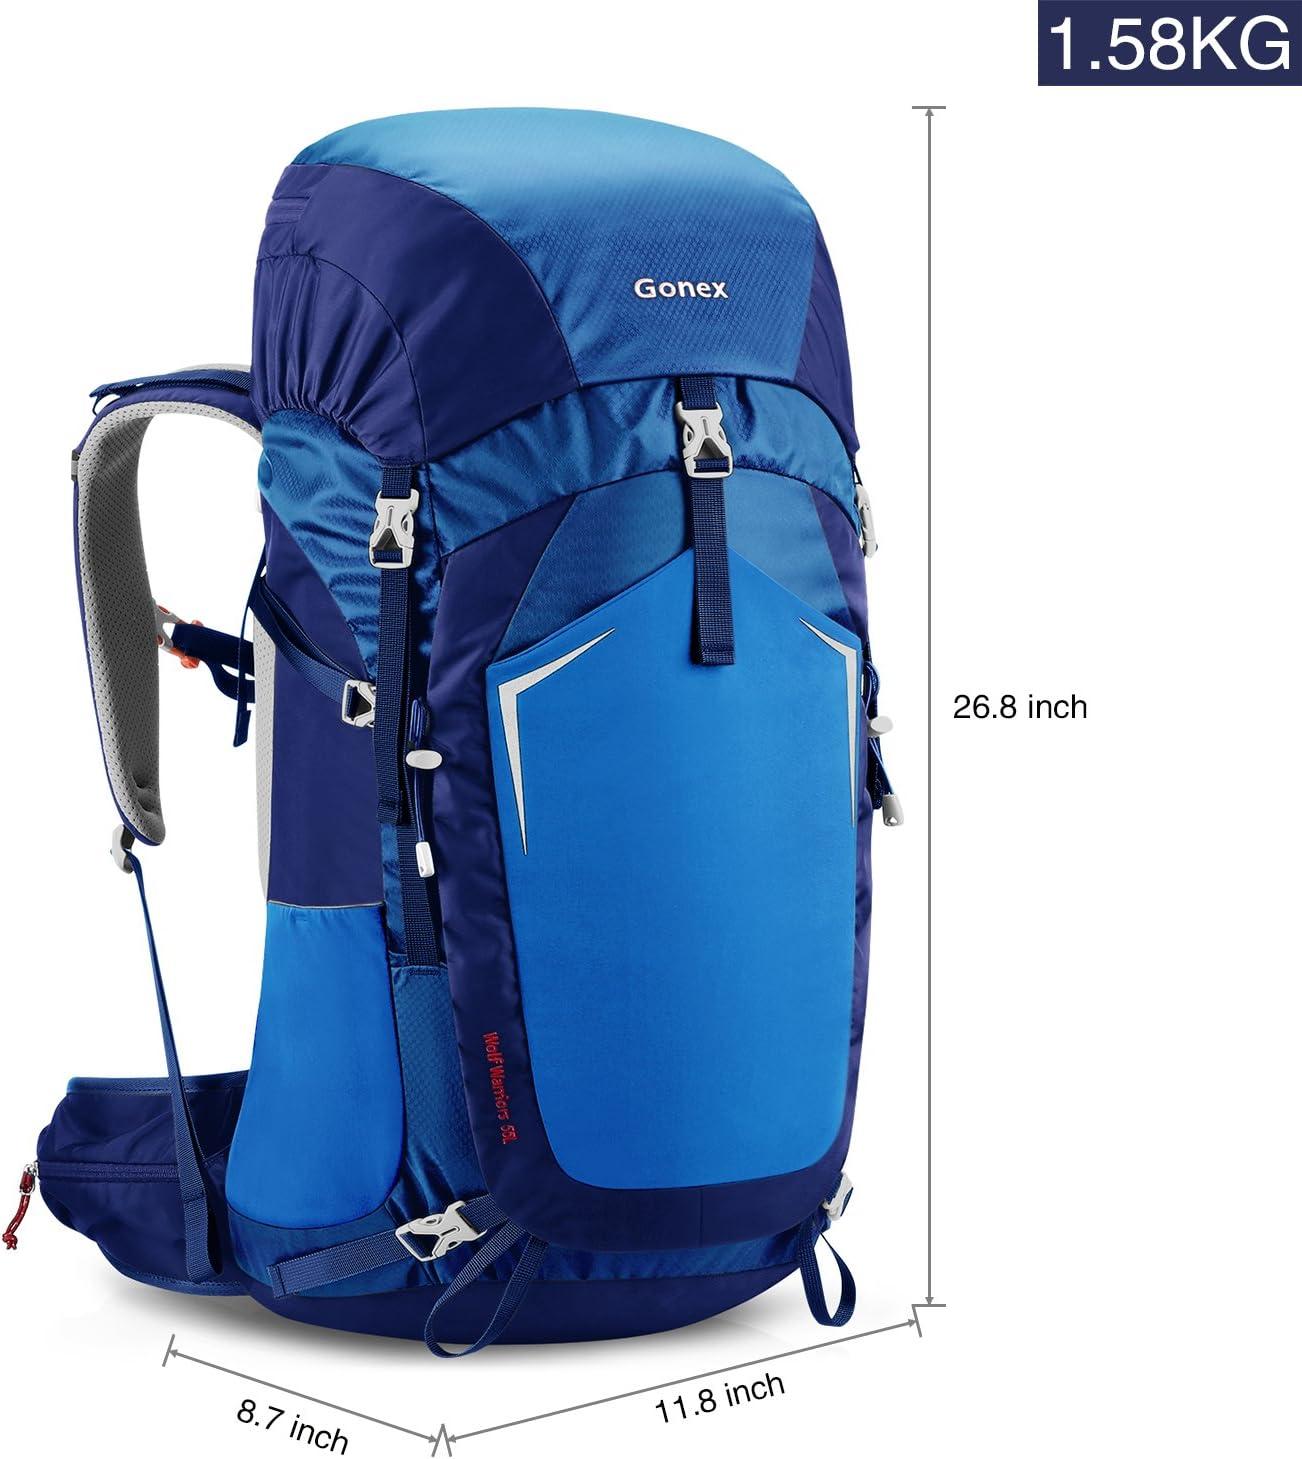 Gonex 55L Mochila de Senderismo Camping al Aire Libre Trekking Daypack Wolf Warriors Bolsa de Deporte Cubierta de Lluvia incluida